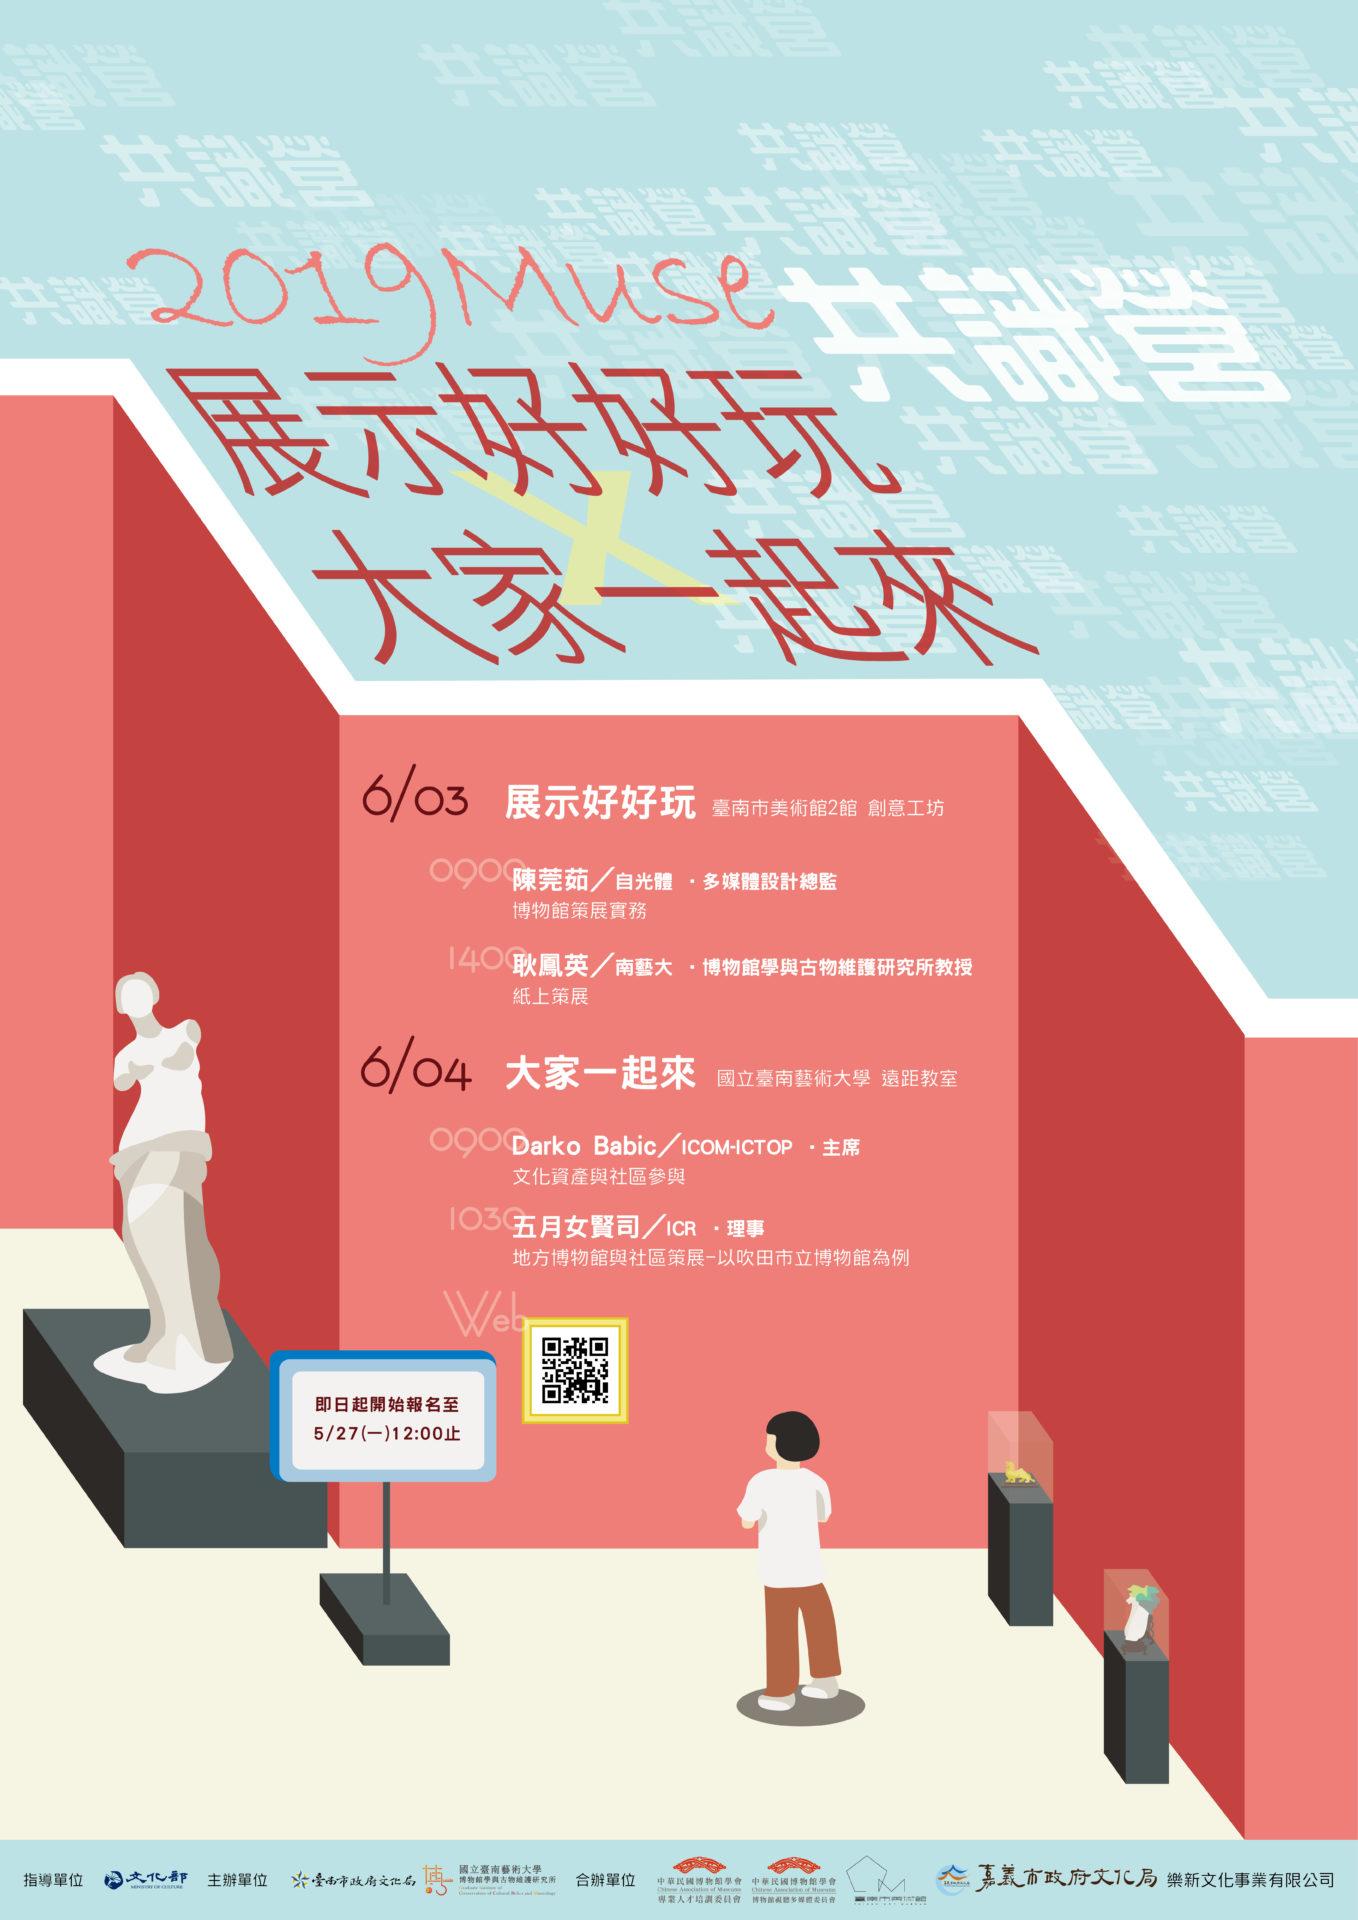 中華民國博物館學會:2019/06/03-2019/06/04【2019 Muse 共識營 : 展示好好玩 X大家一起來】